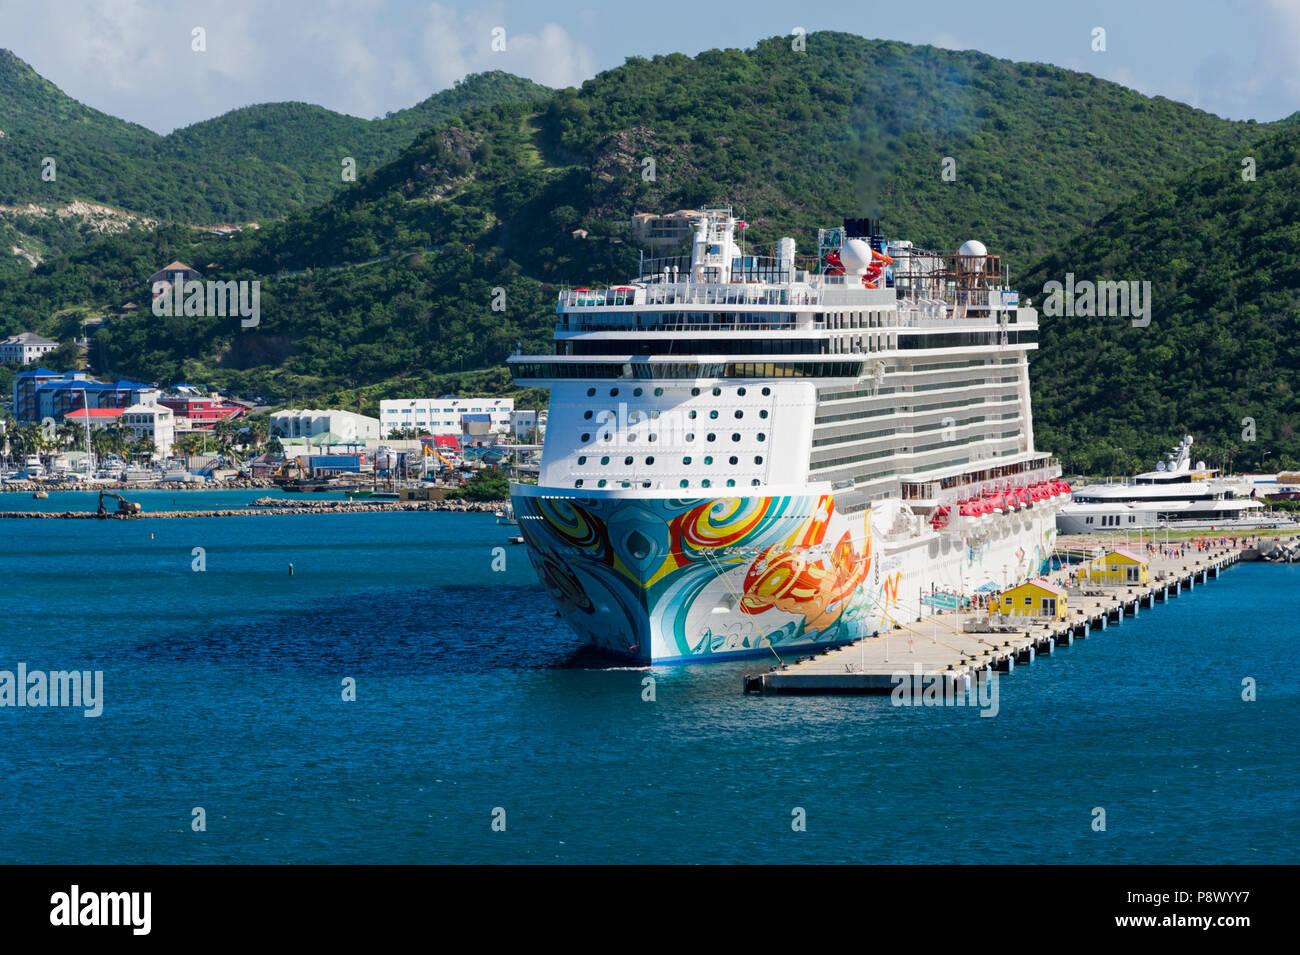 Norwegian Breakaway Cruise Ship - Stock Image